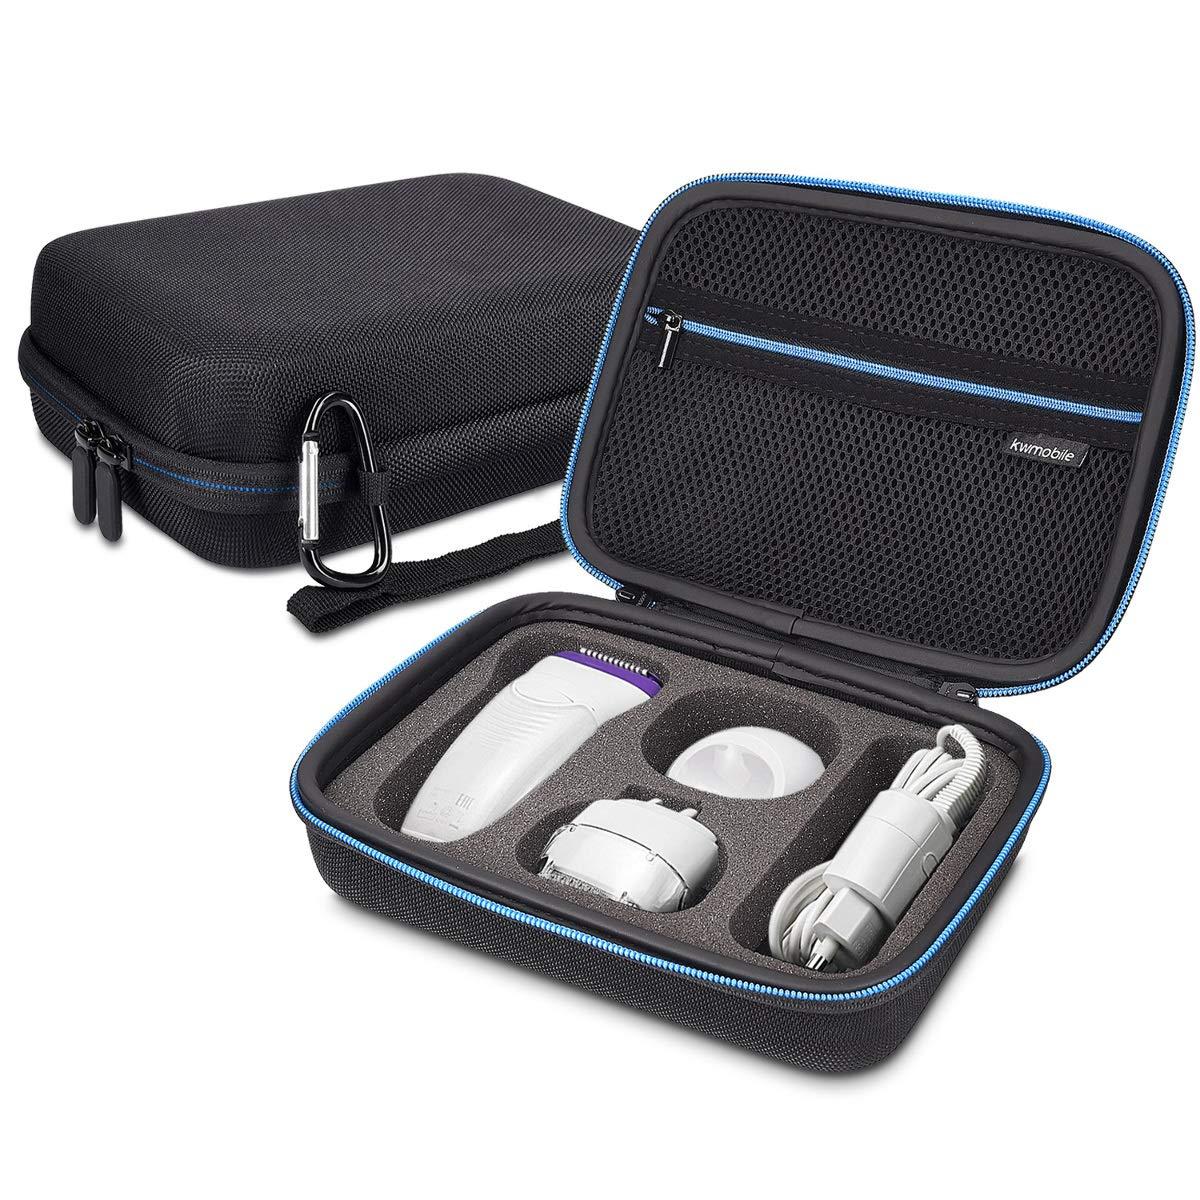 kwmobile custodia per Braun Silk-é pil - astuccio rigido per epilatore testine spazzole viso alimentatore e accessori - borsa da viaggio nero KW-Commerce 44022_m000765